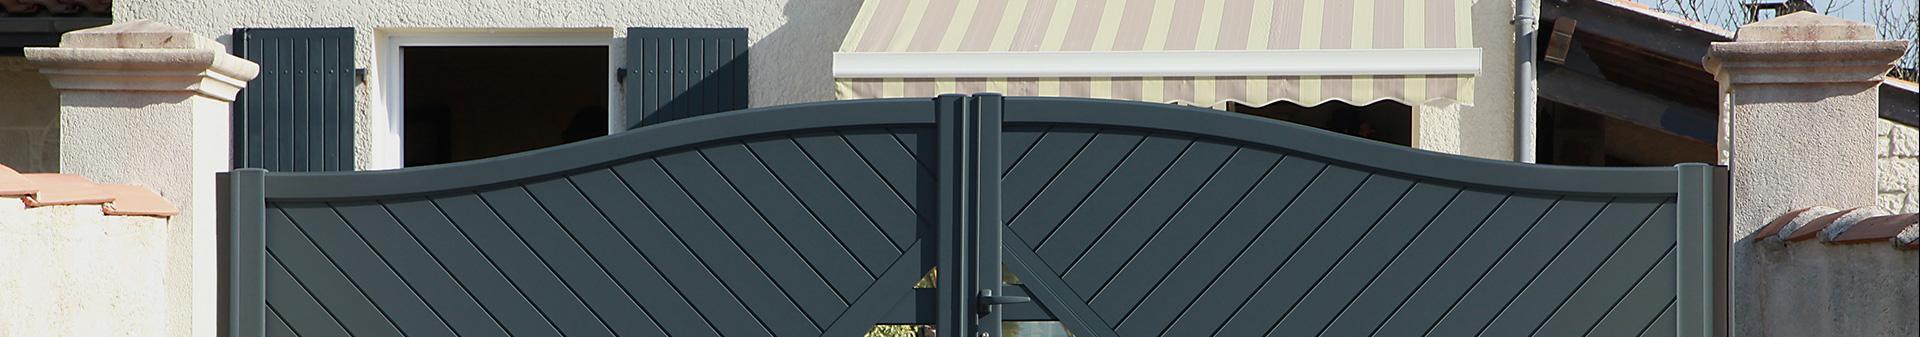 Fabrication et installation de portails sur-mesure à Figeac